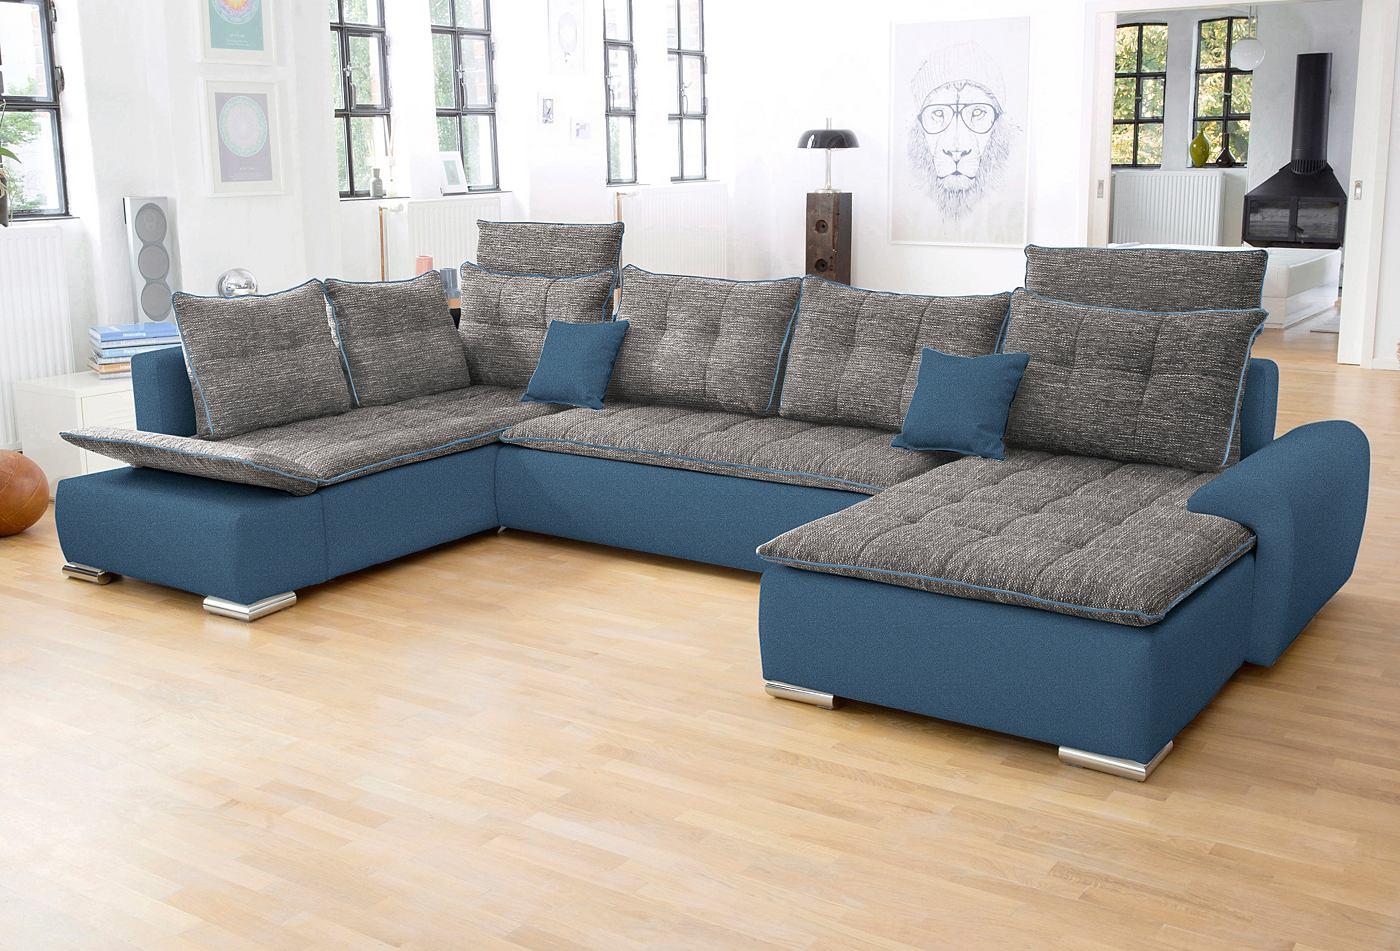 Woonkamer Blauwe Bank : Interieur markt - Alles voor uw woning.